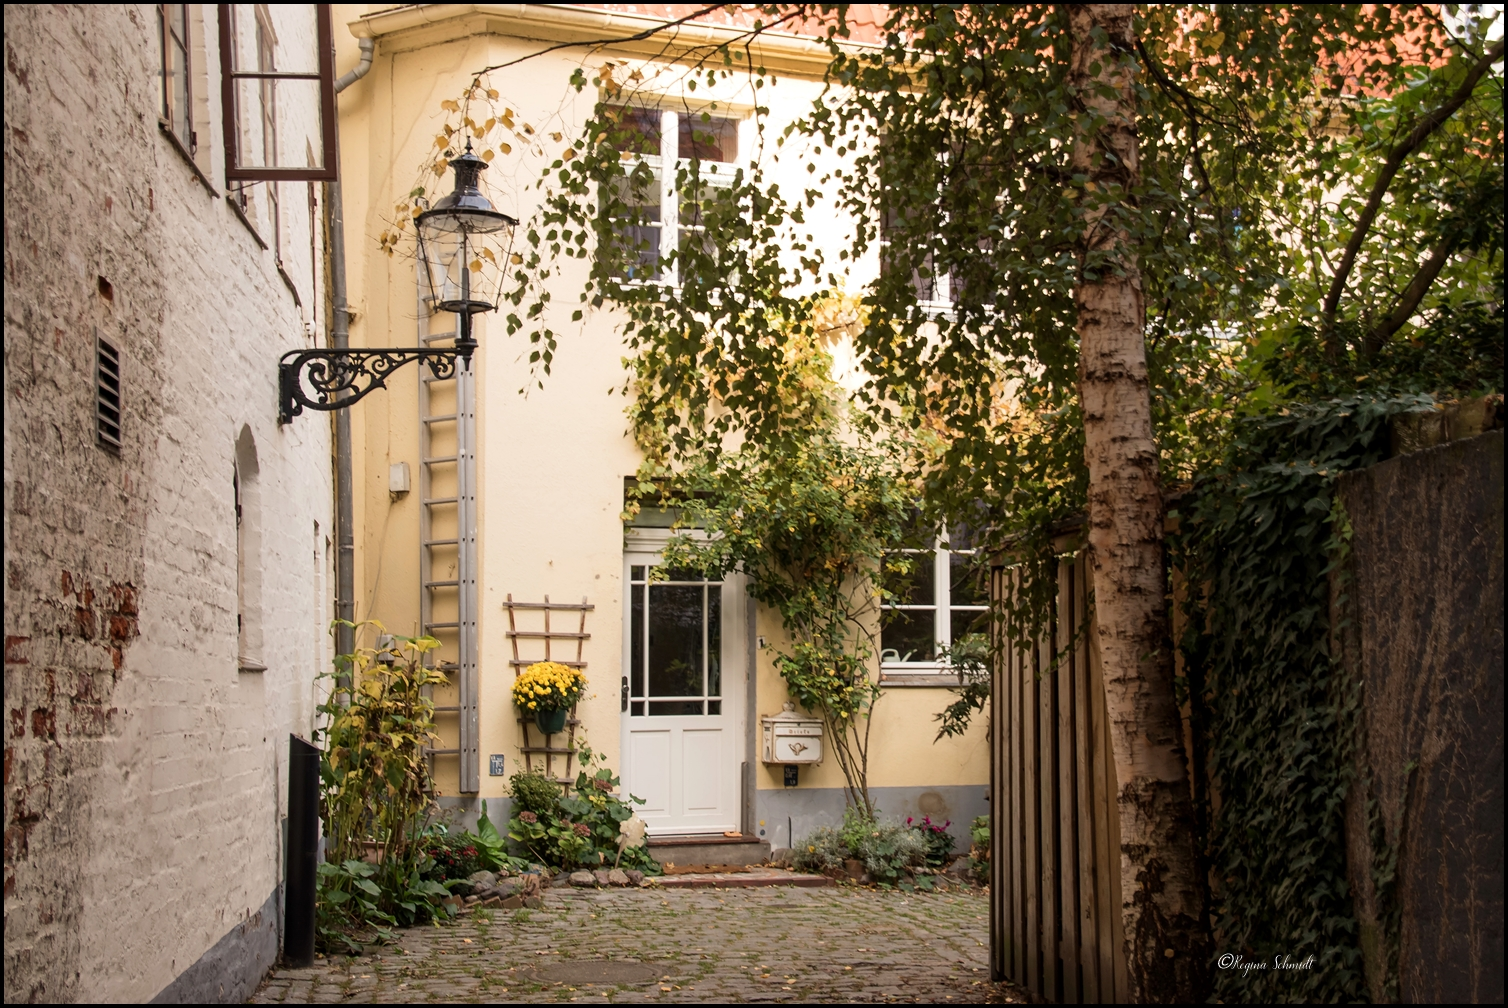 Lübeck steht auch für hübsche kleine Gassen